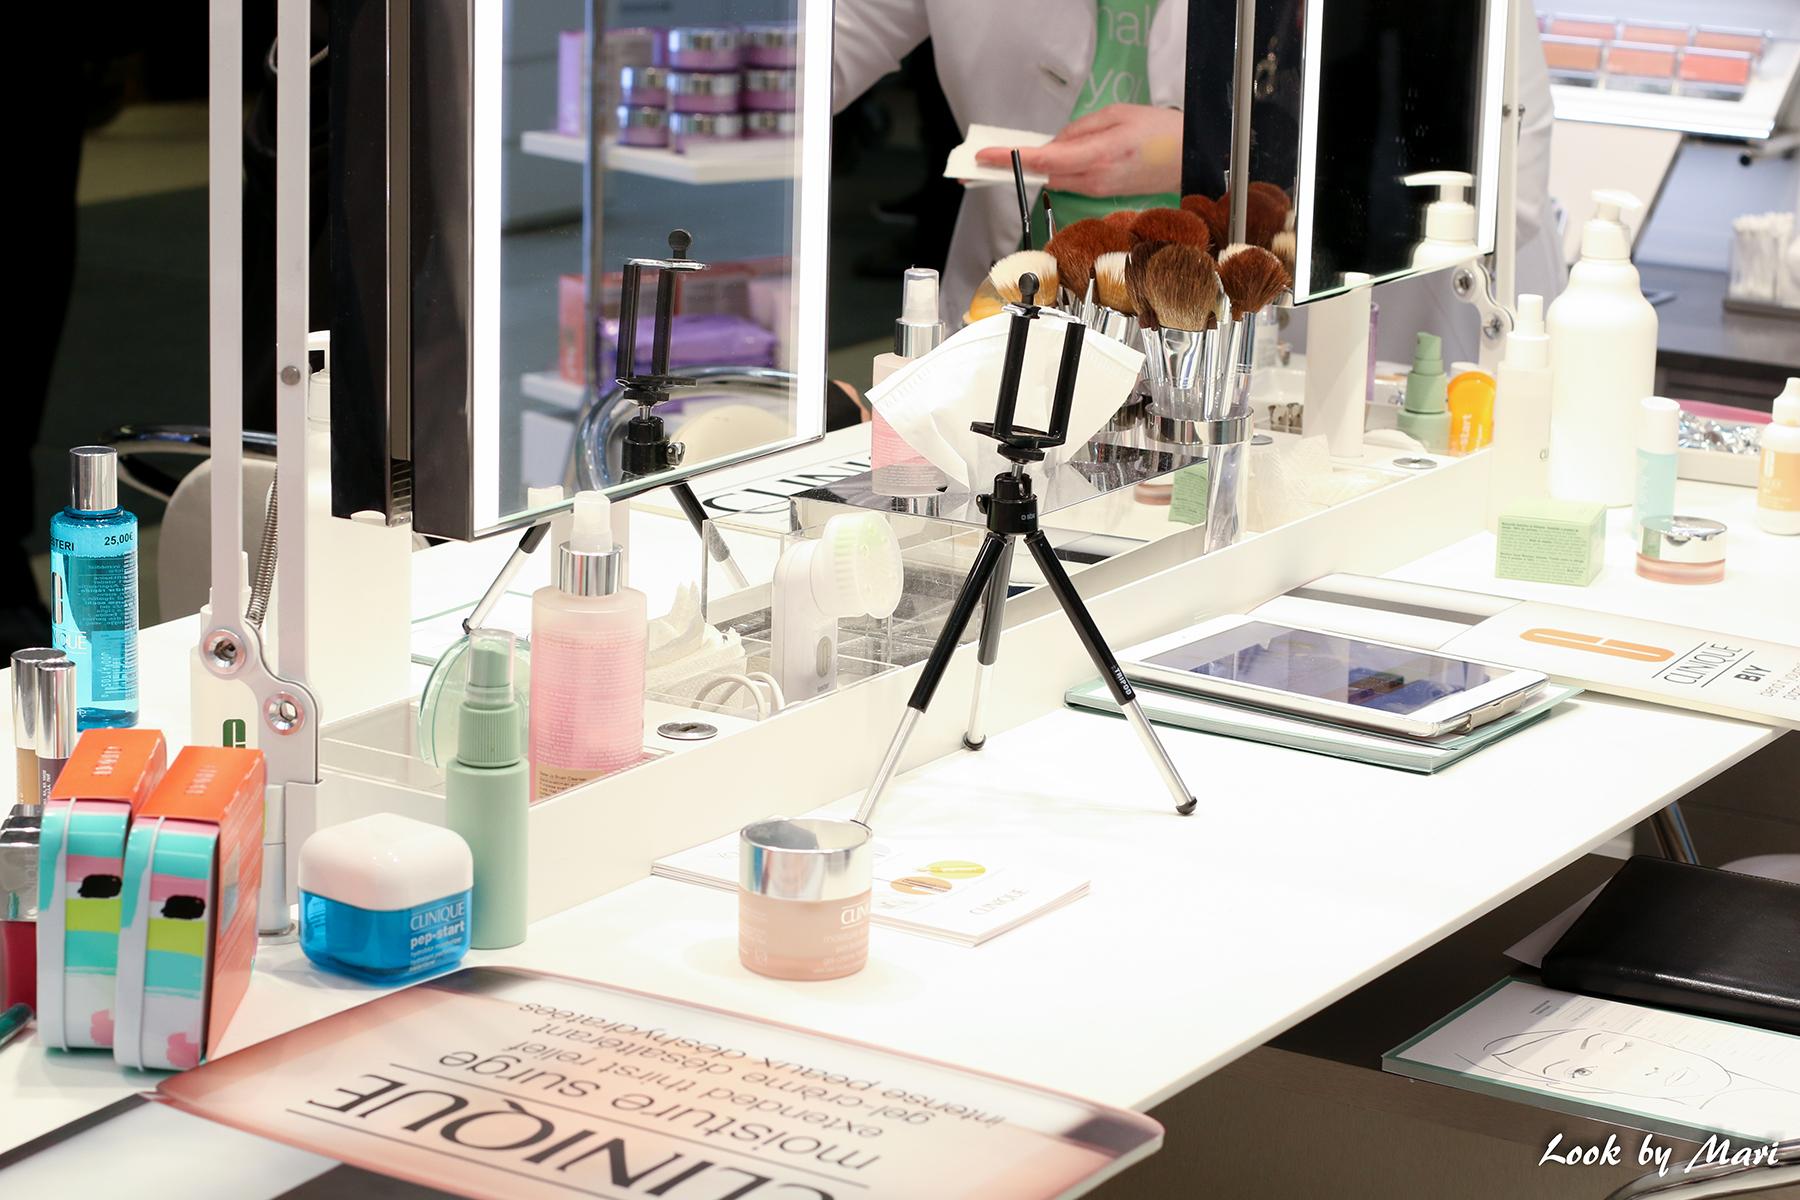 4 clinique stockmann piste myymälä avajaiset 17.3.2017 16.3.2017 palvelu kokemuksia